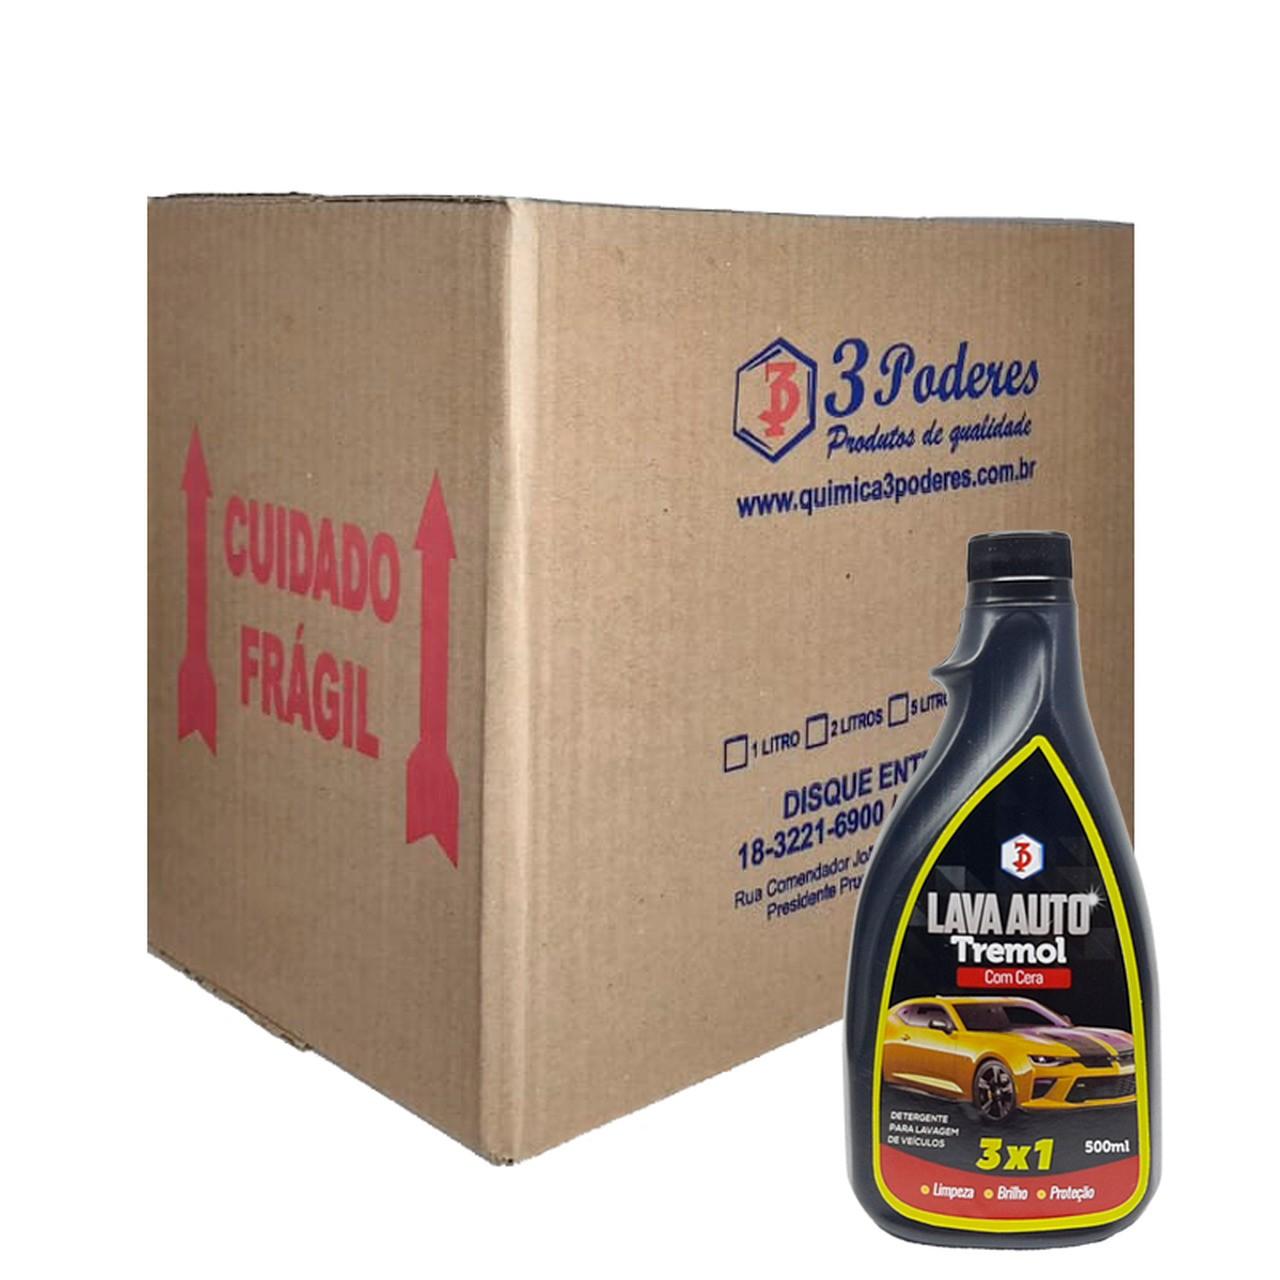 Lava Auto 3 em 1 Tremol 3 Poderes 500ML - shampoo com cera para lavagem de veiculos - Caixa com 12 Un.